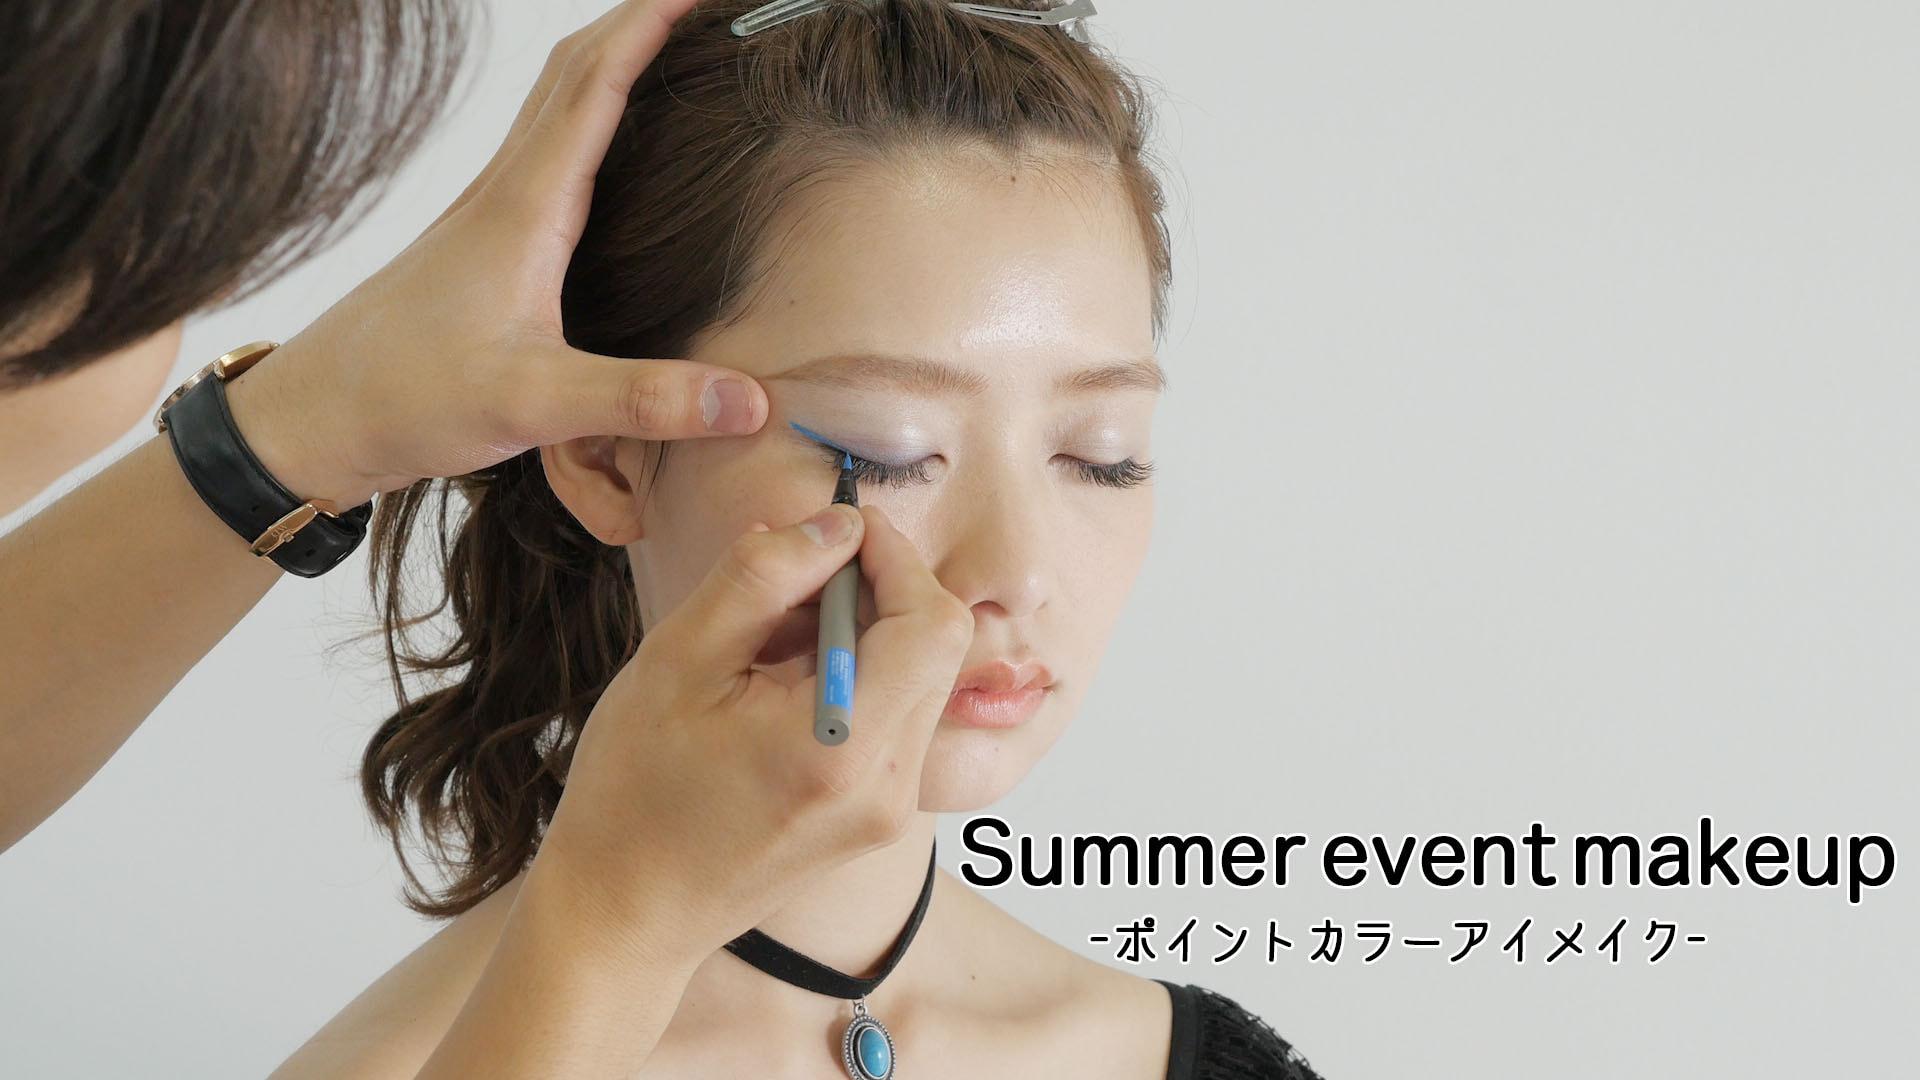 ブルーのラインがポイント。夏のカラーアイメイク【Summer event makeup#1】